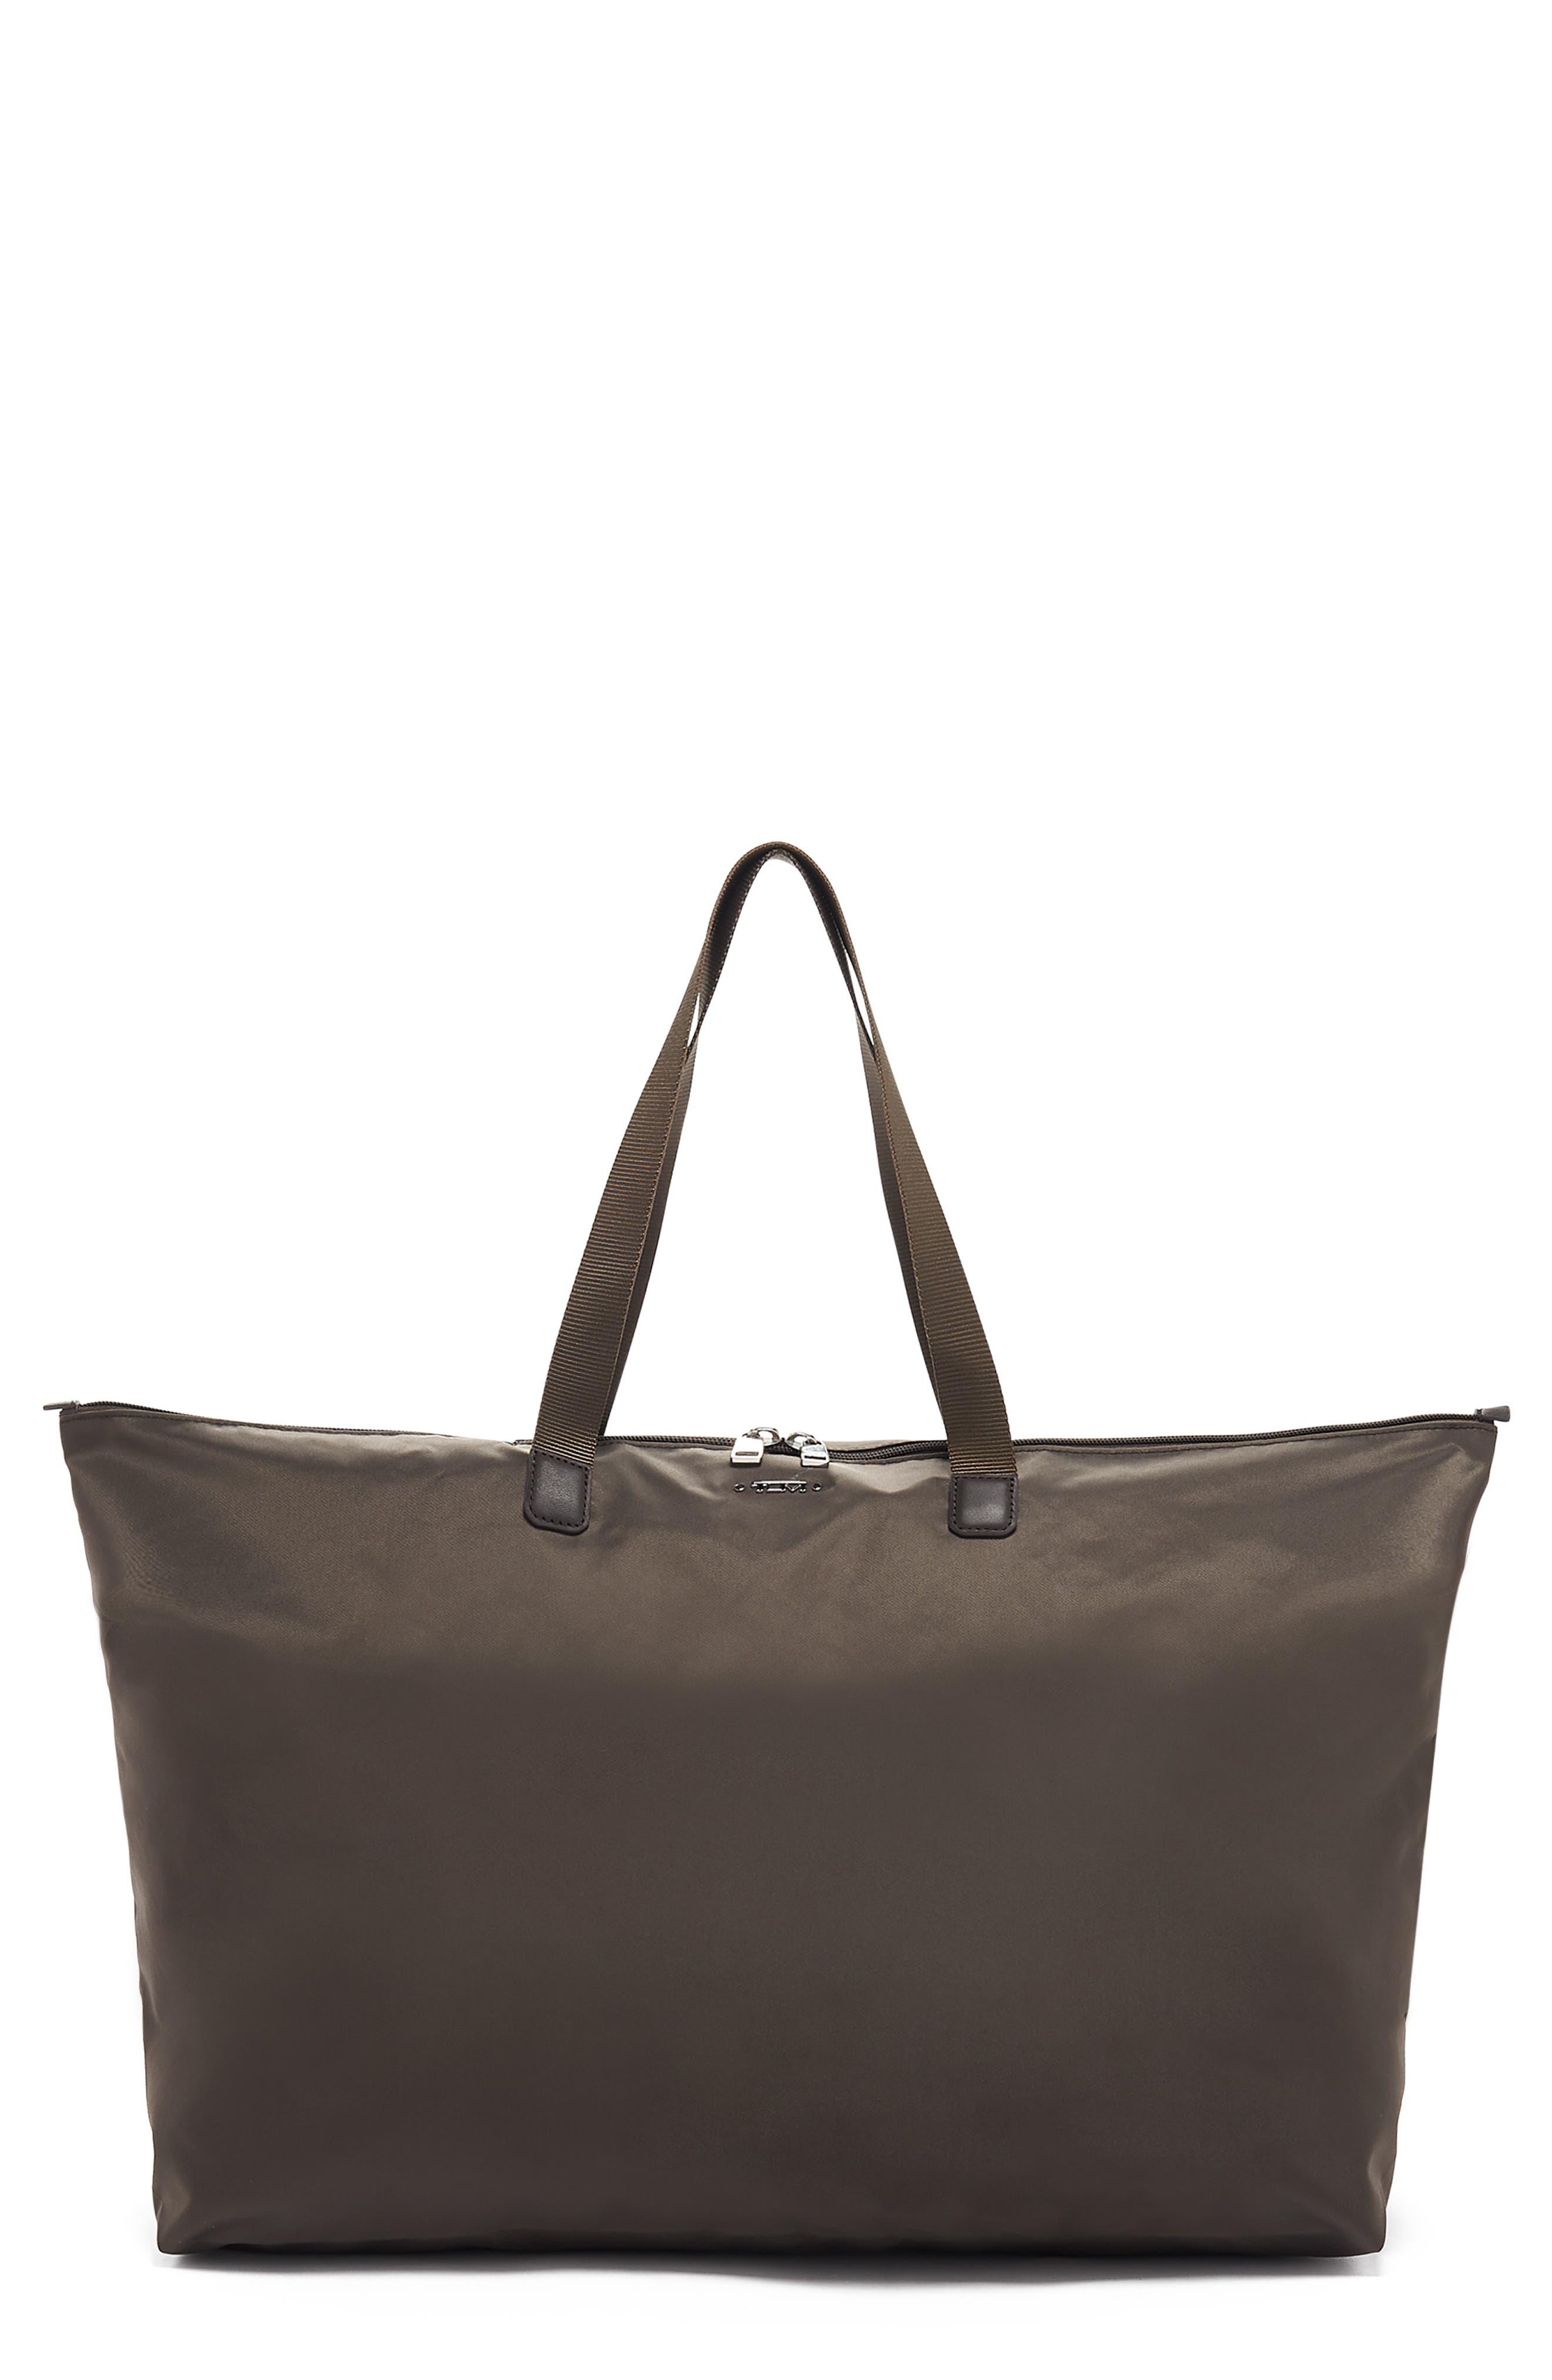 04105c14dfc1 Tumi Handbags, Purses & Wallets   Nordstrom